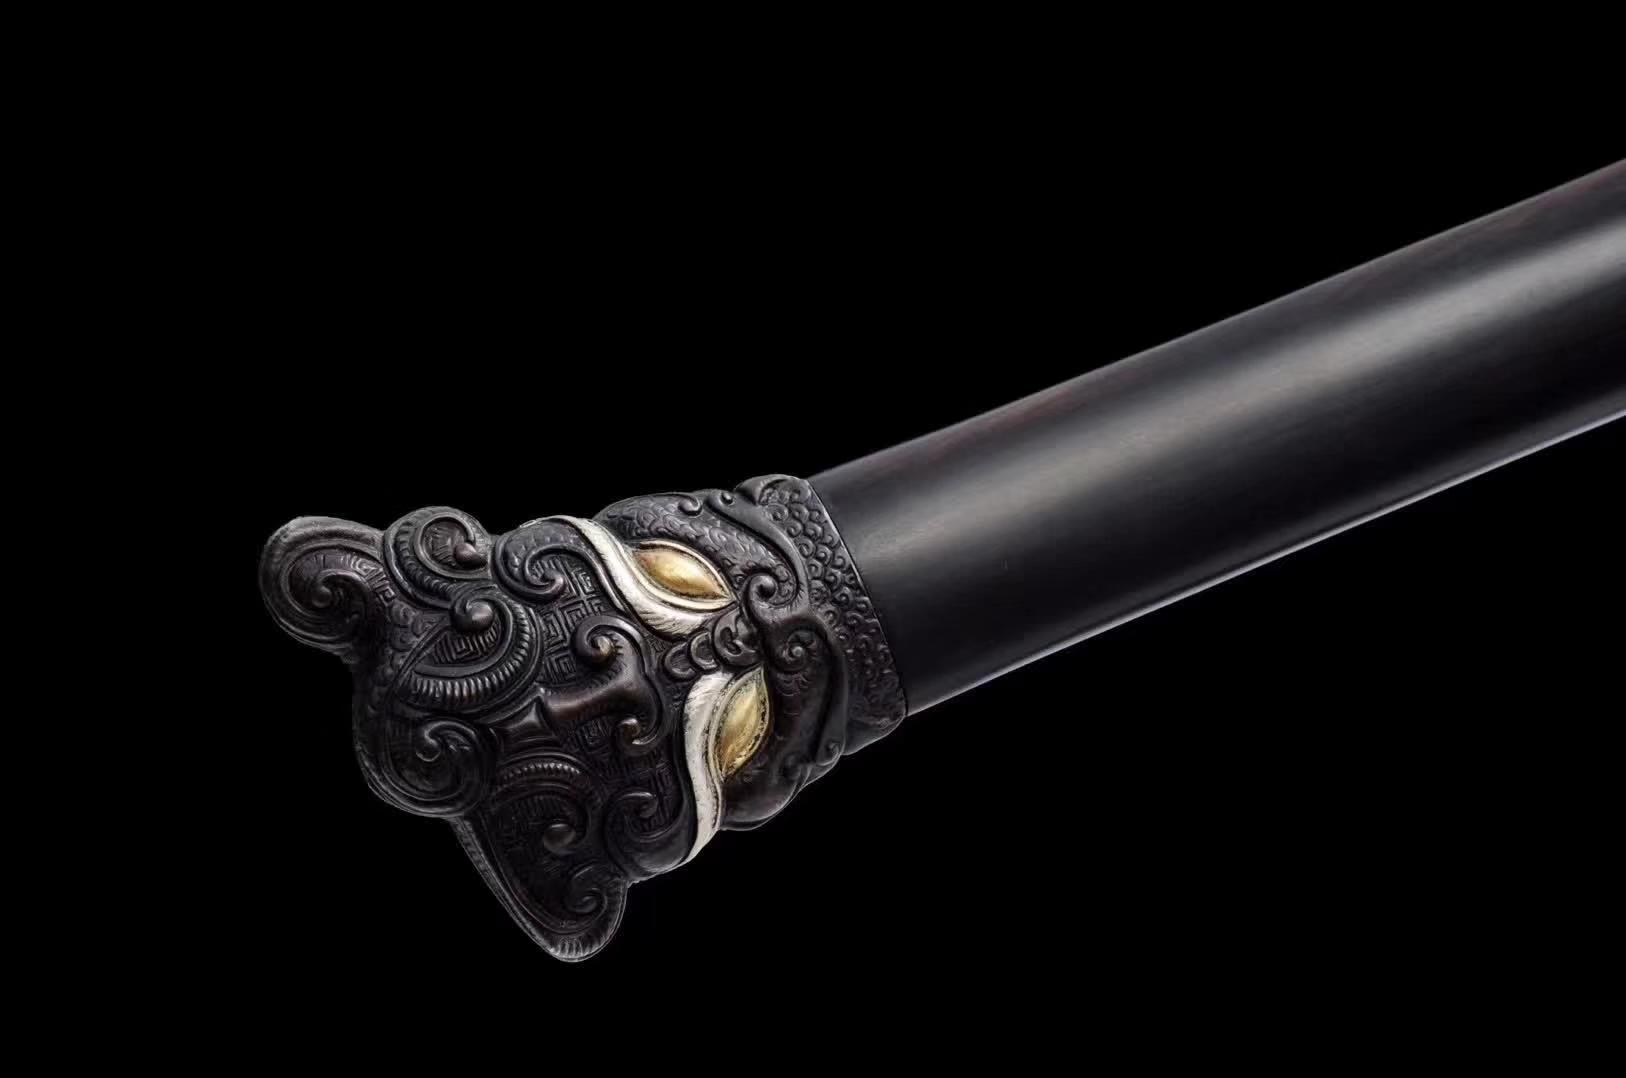 龙泉宝剑,龙泉刀剑,花纹钢宝剑专卖图片